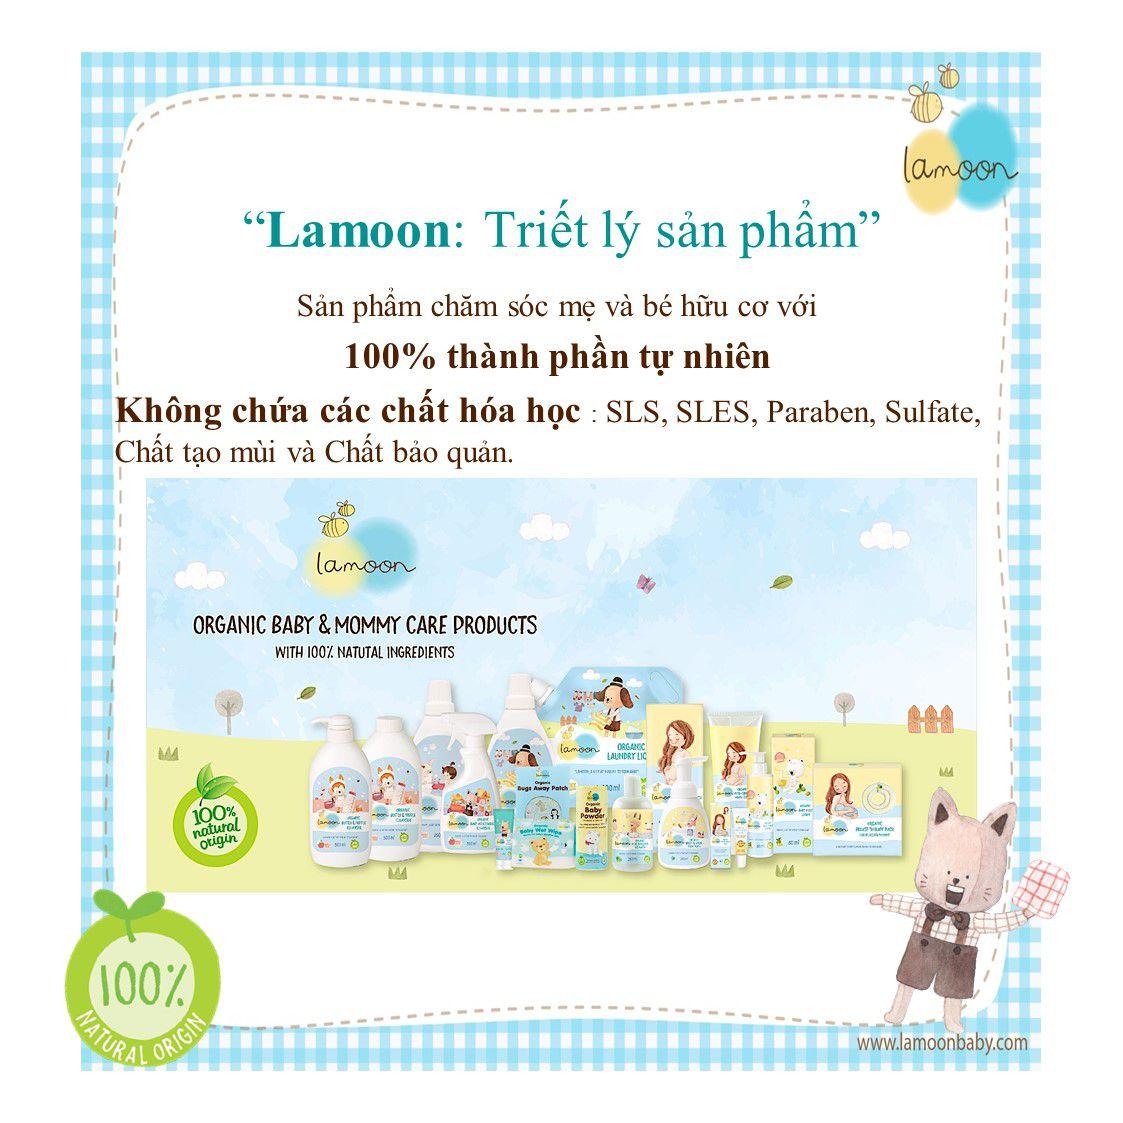 Lamoon Master Info